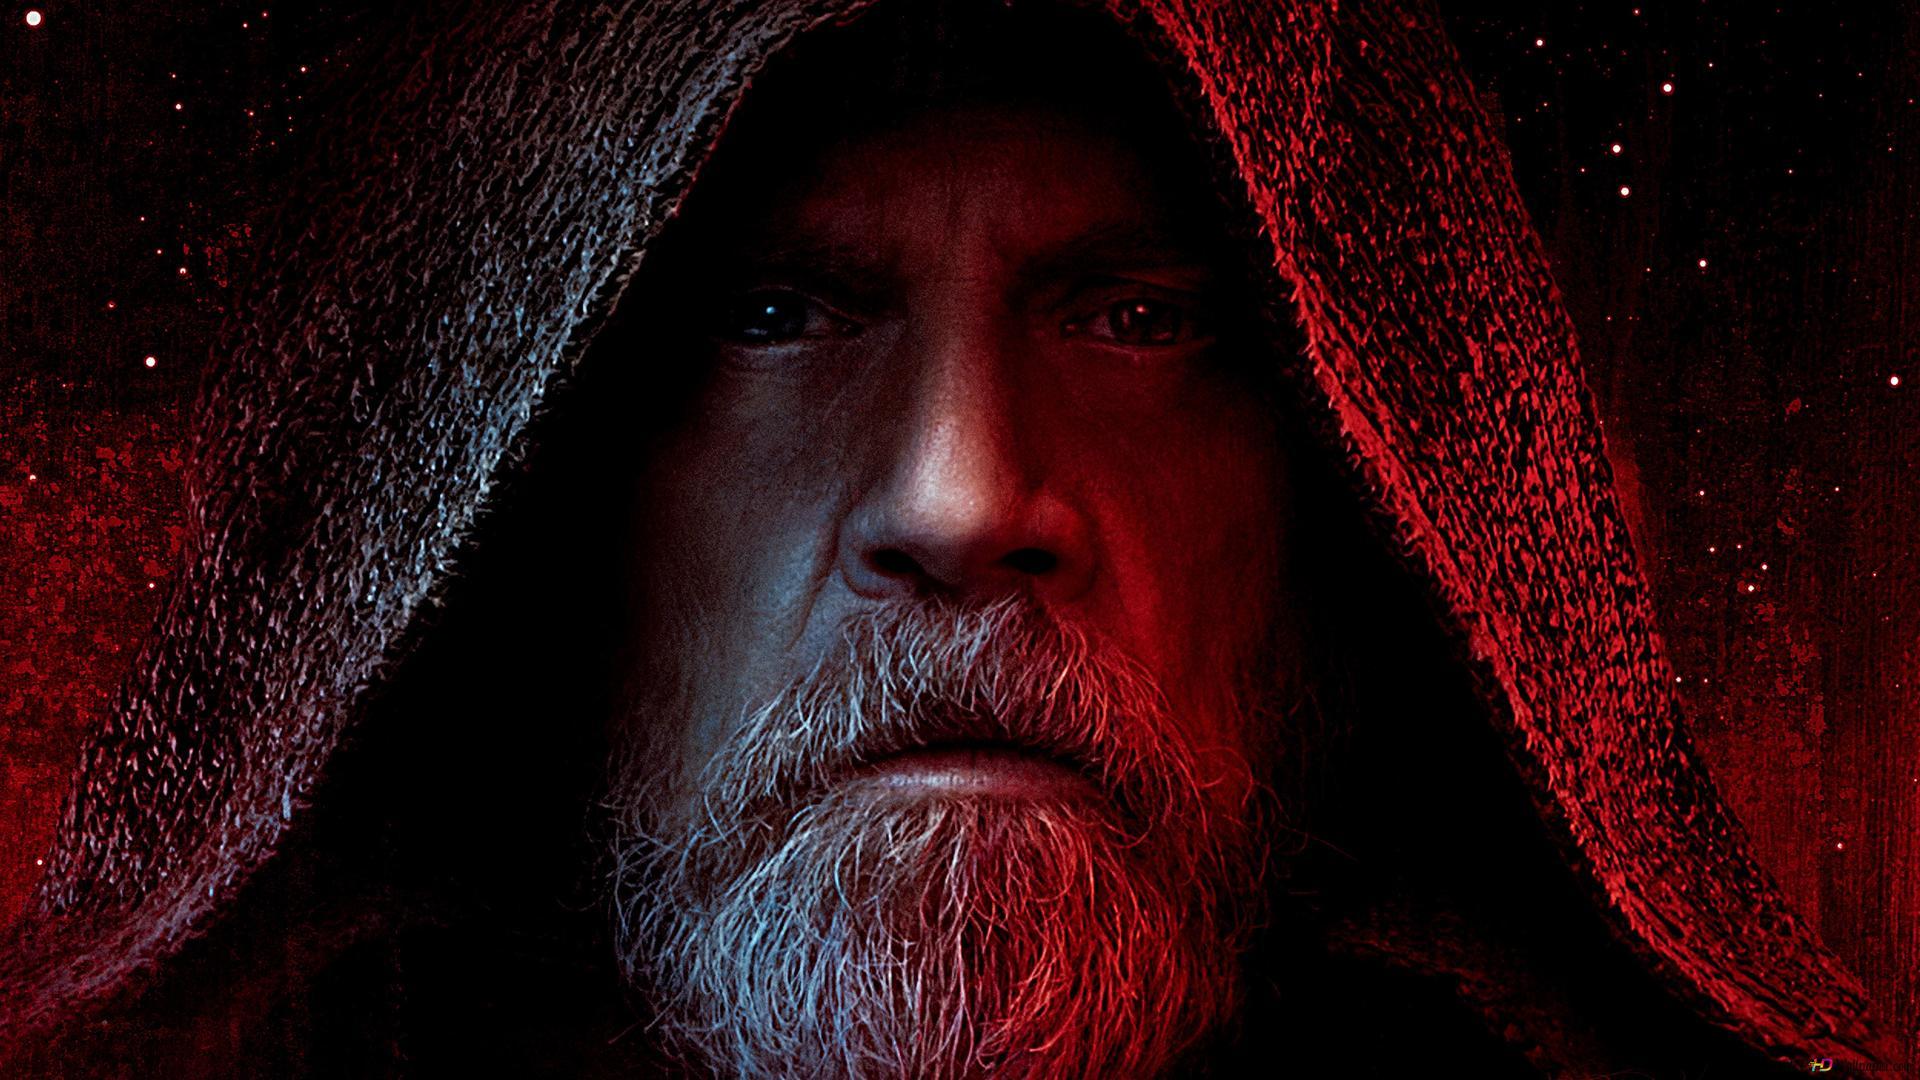 Jedi Master Luke Skywalker Hd Wallpaper Download